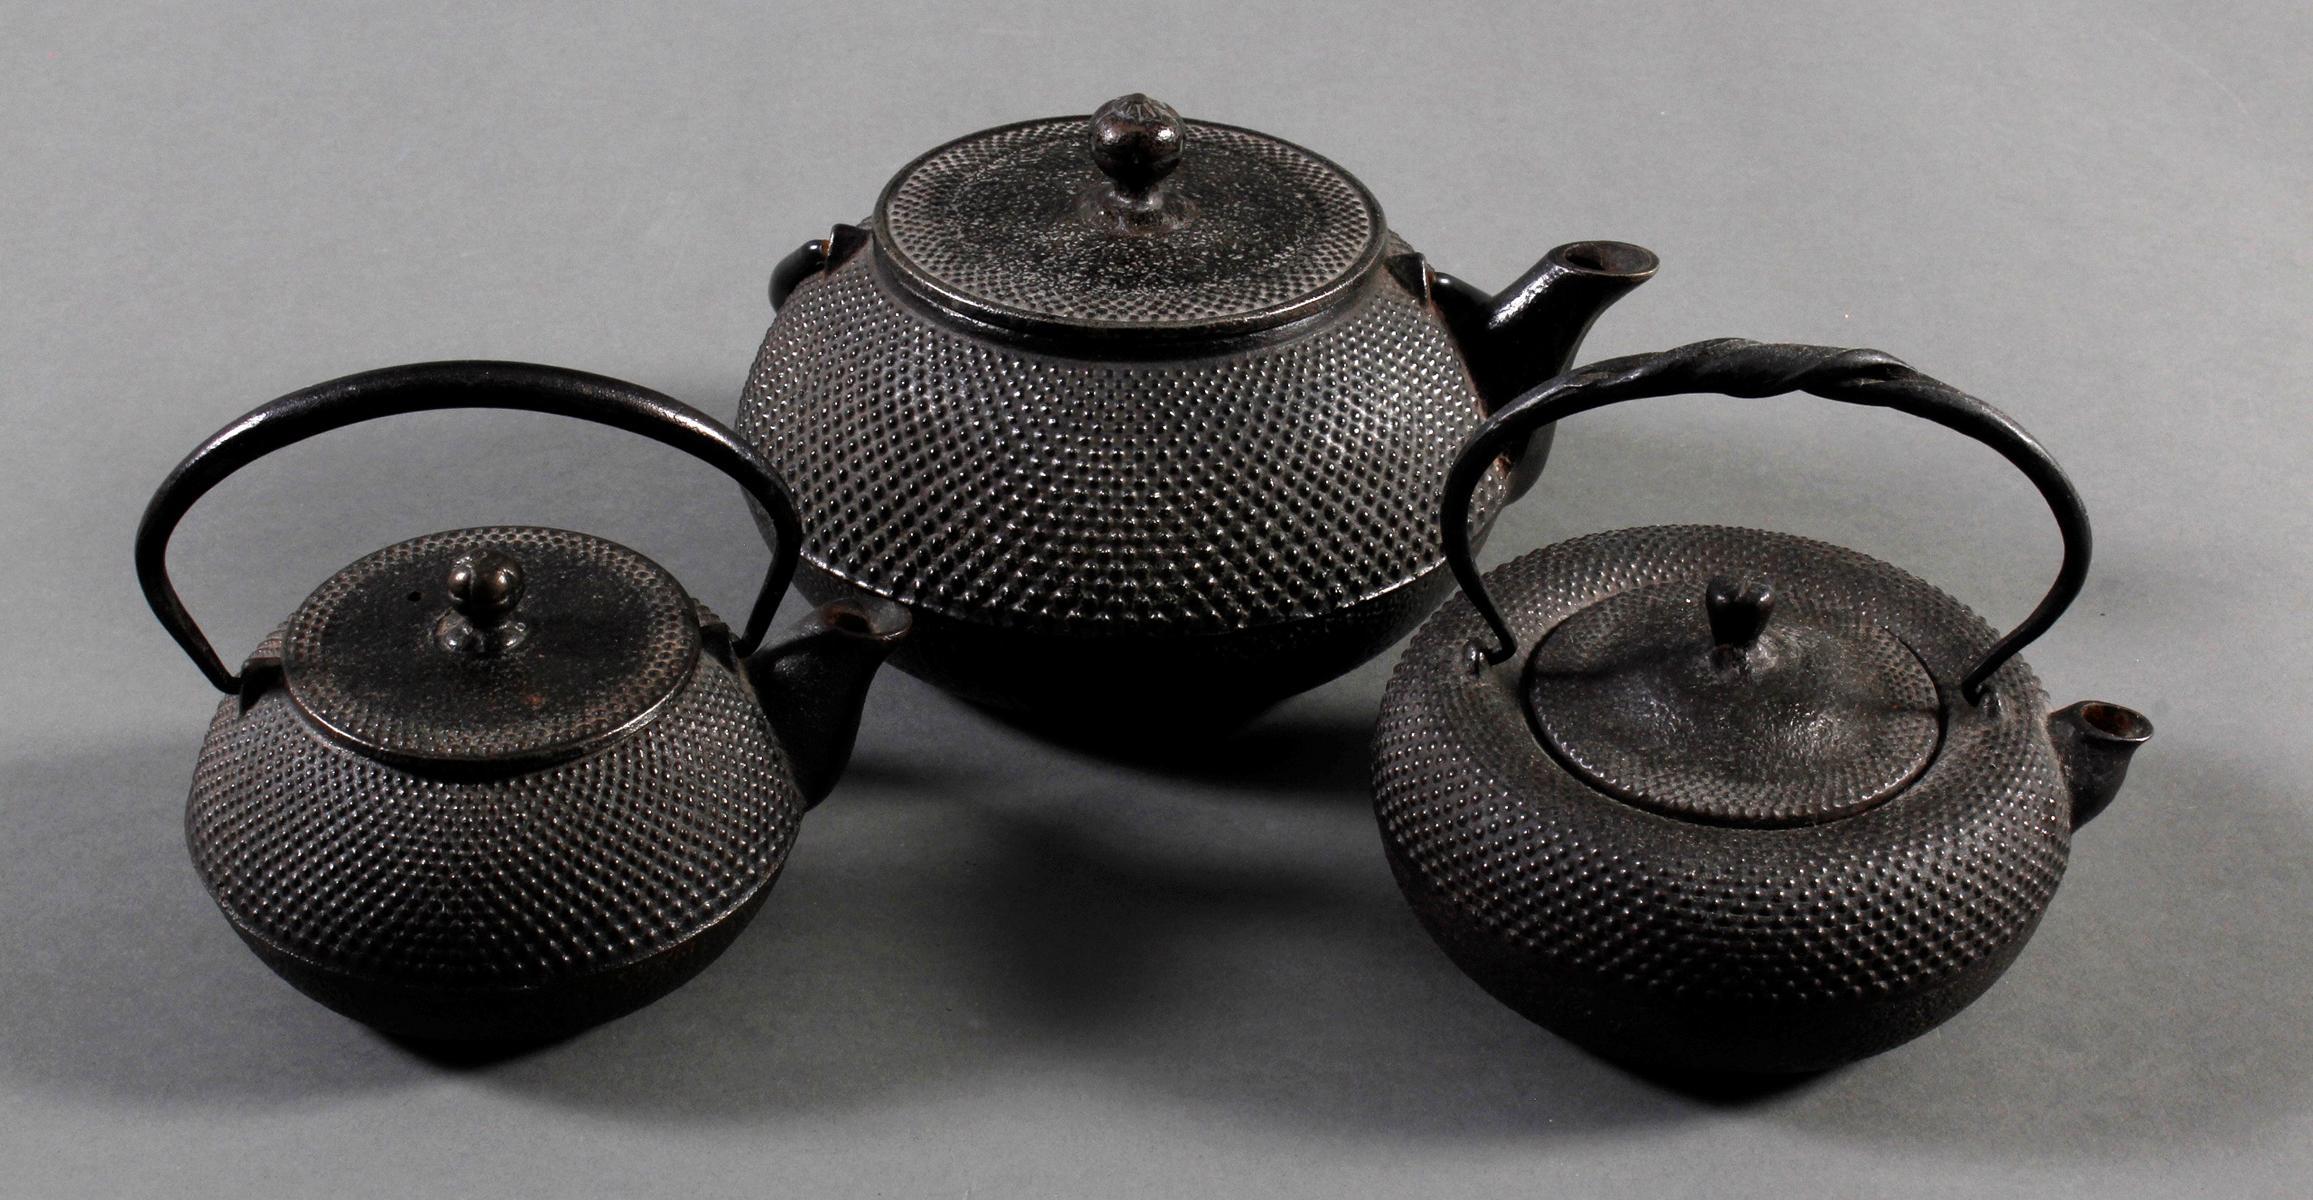 3 Teekannen (Tesubin) aus Eisen, Japan/China 19. Jh.-2